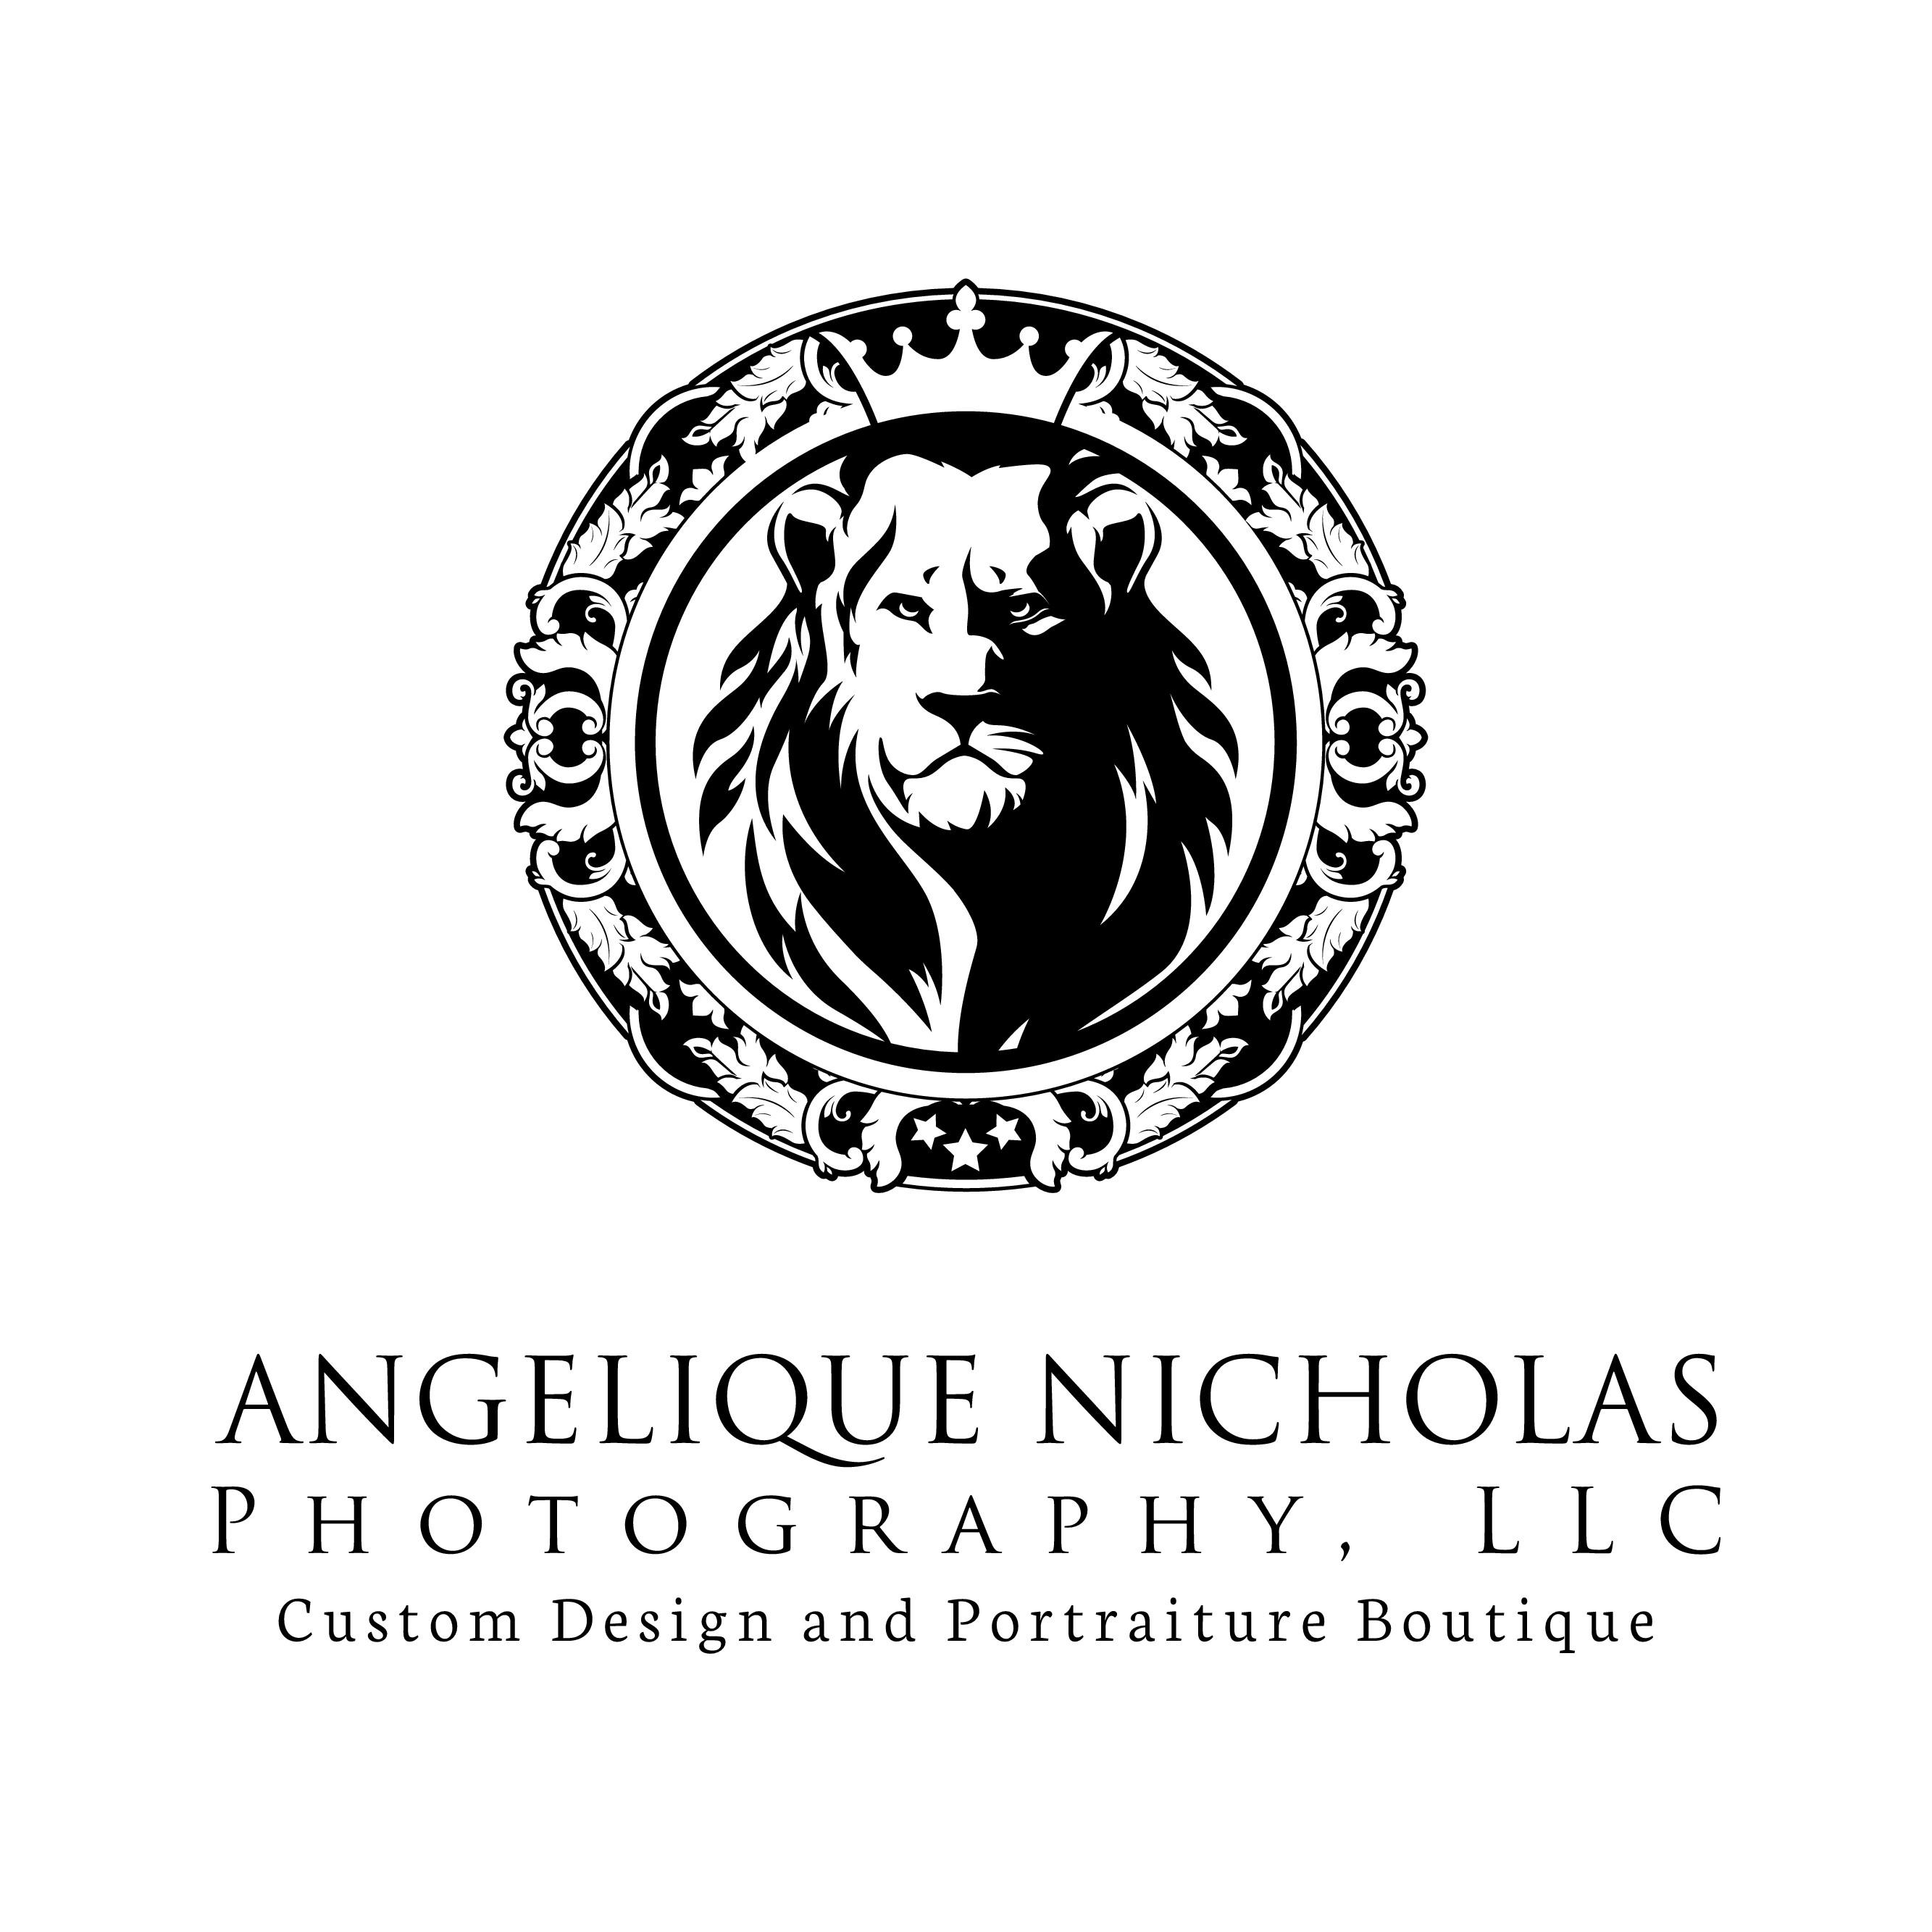 Design a fancy, luxurious, regal logo for my Boutique Portrait photography business